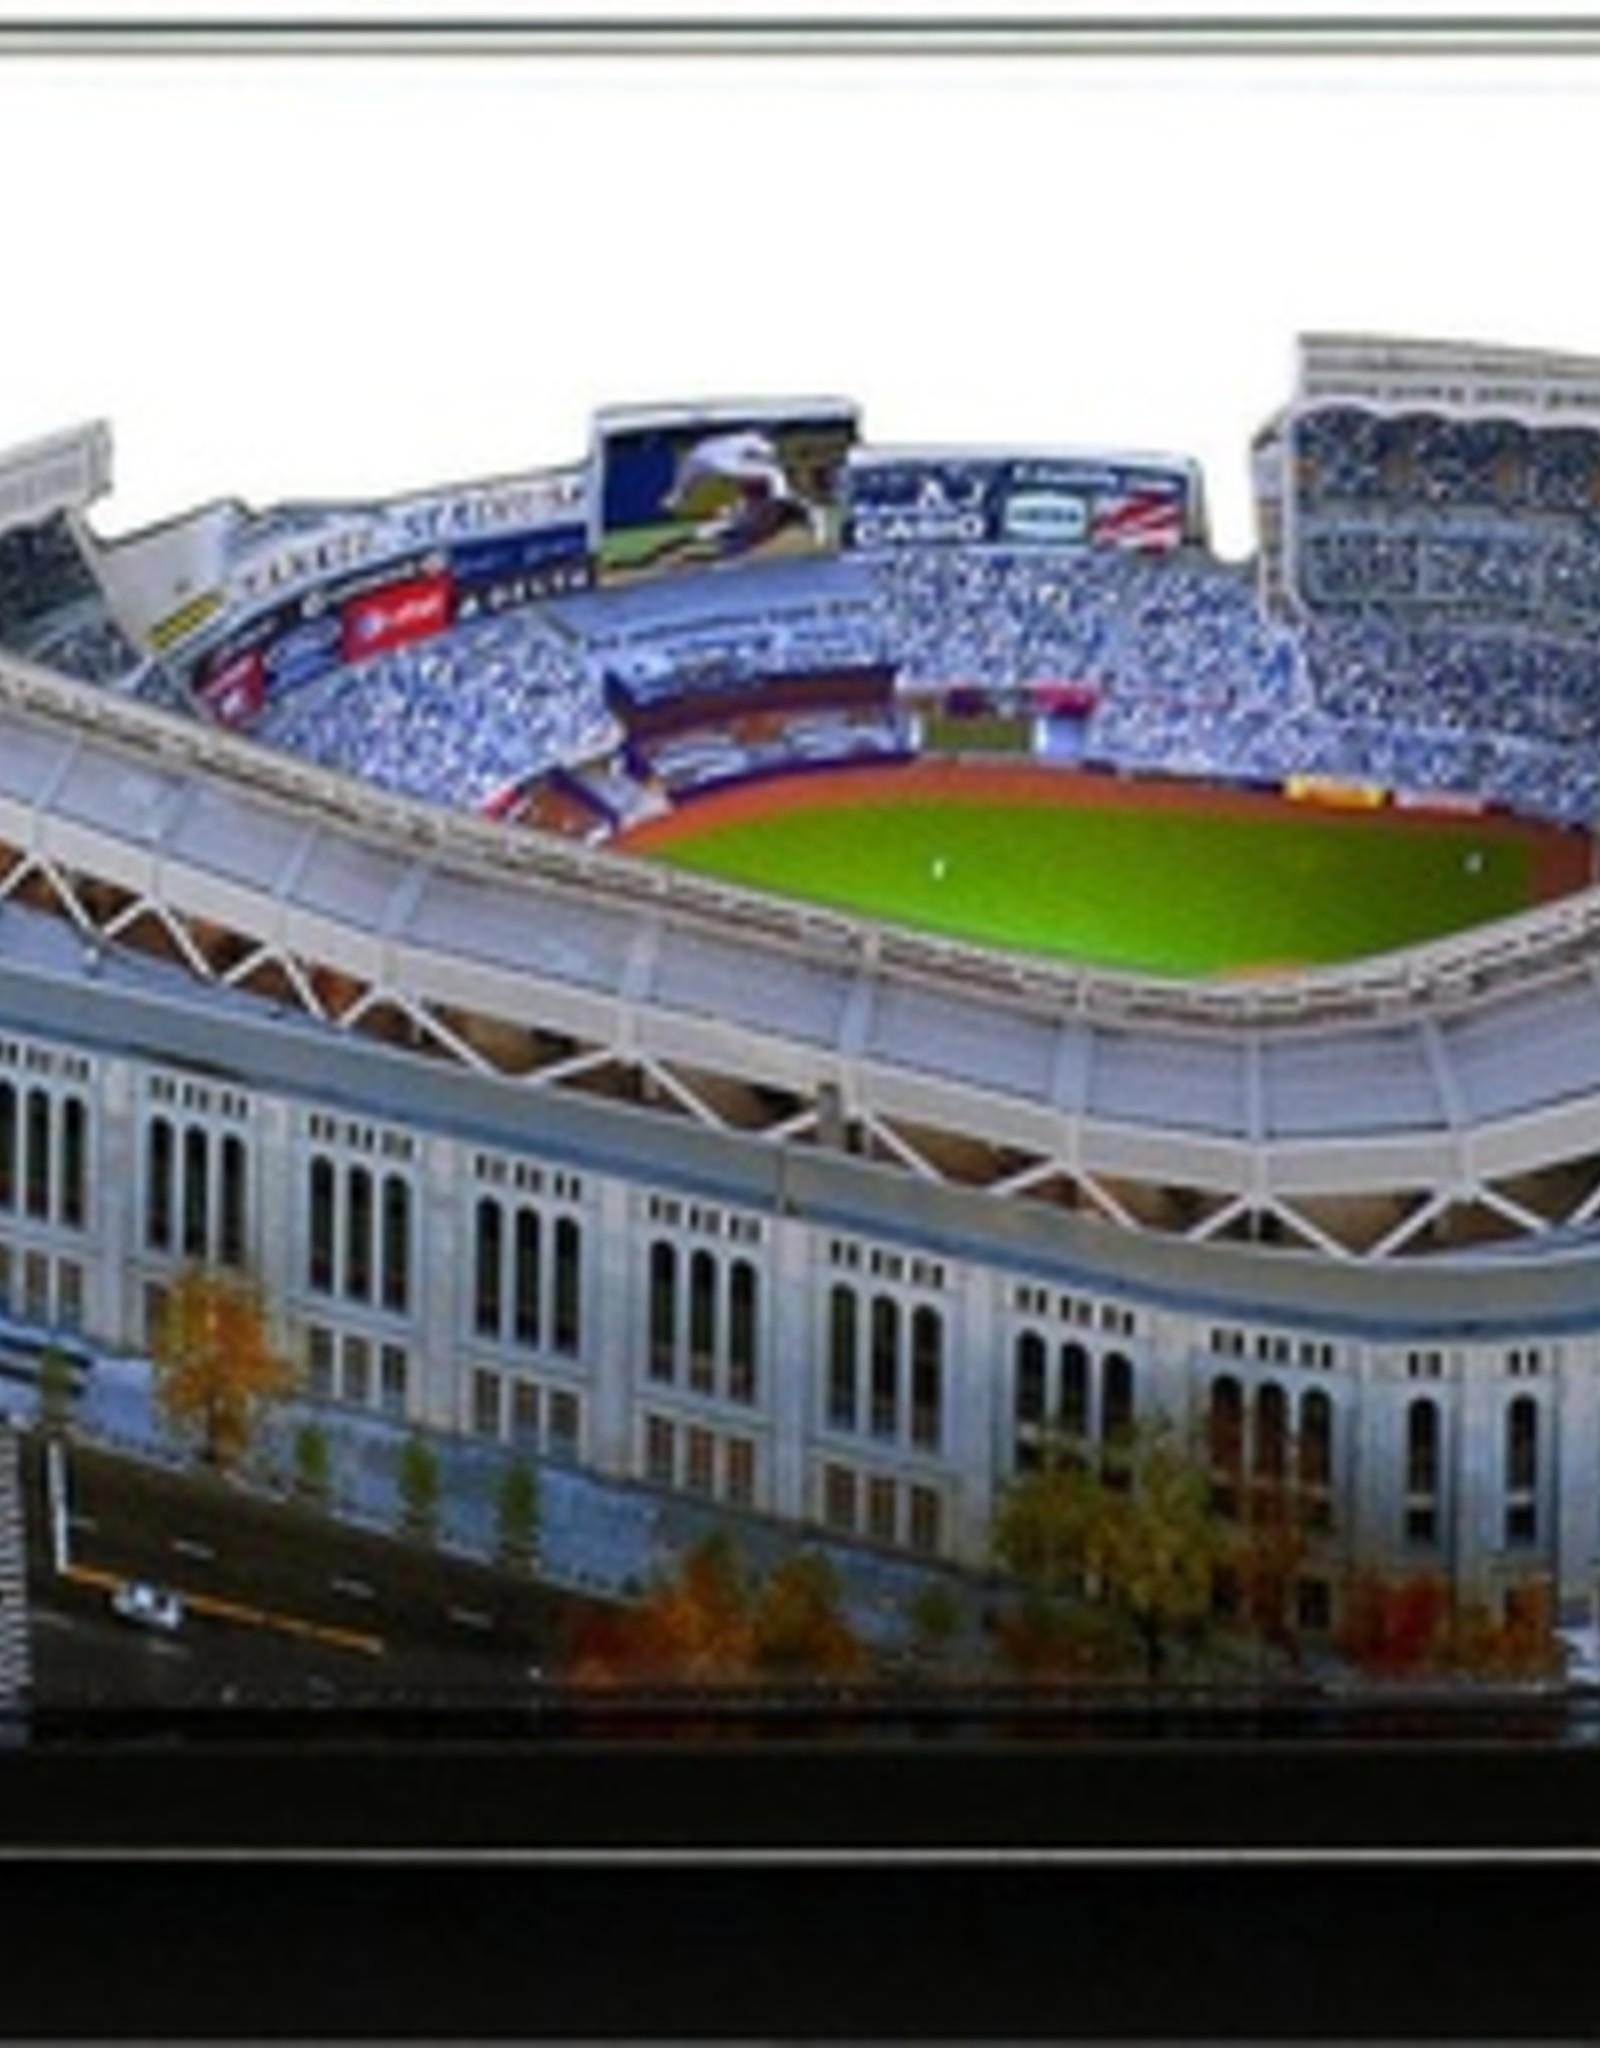 HOMEFIELDS New York Yankees 19IN Lighted Replica Yankee Stadium